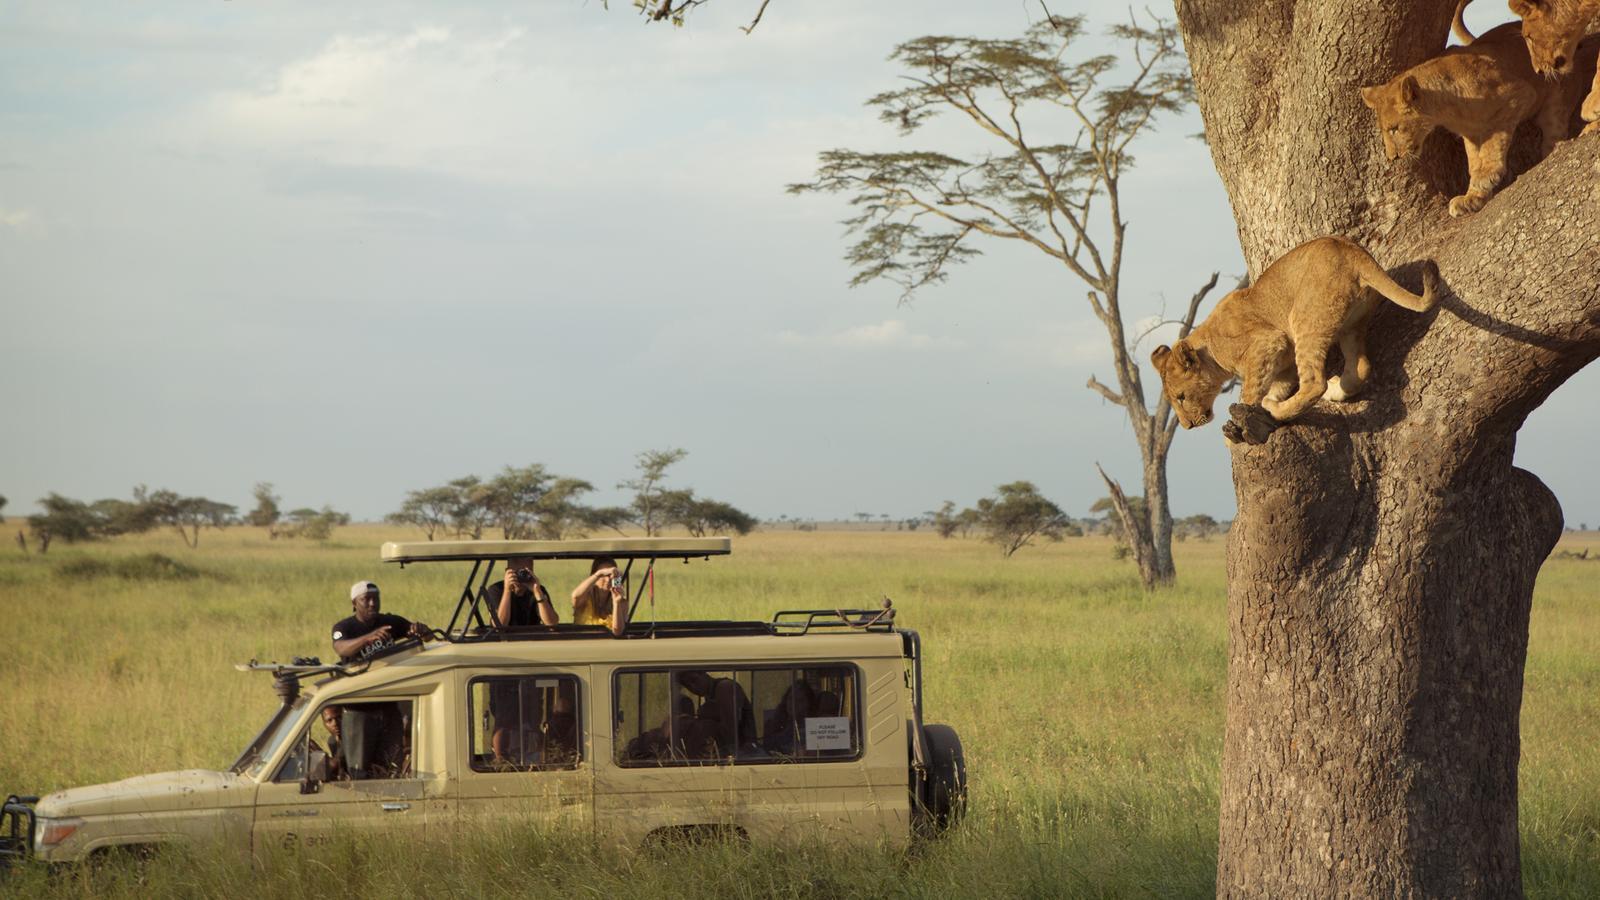 Tanzania, on safari